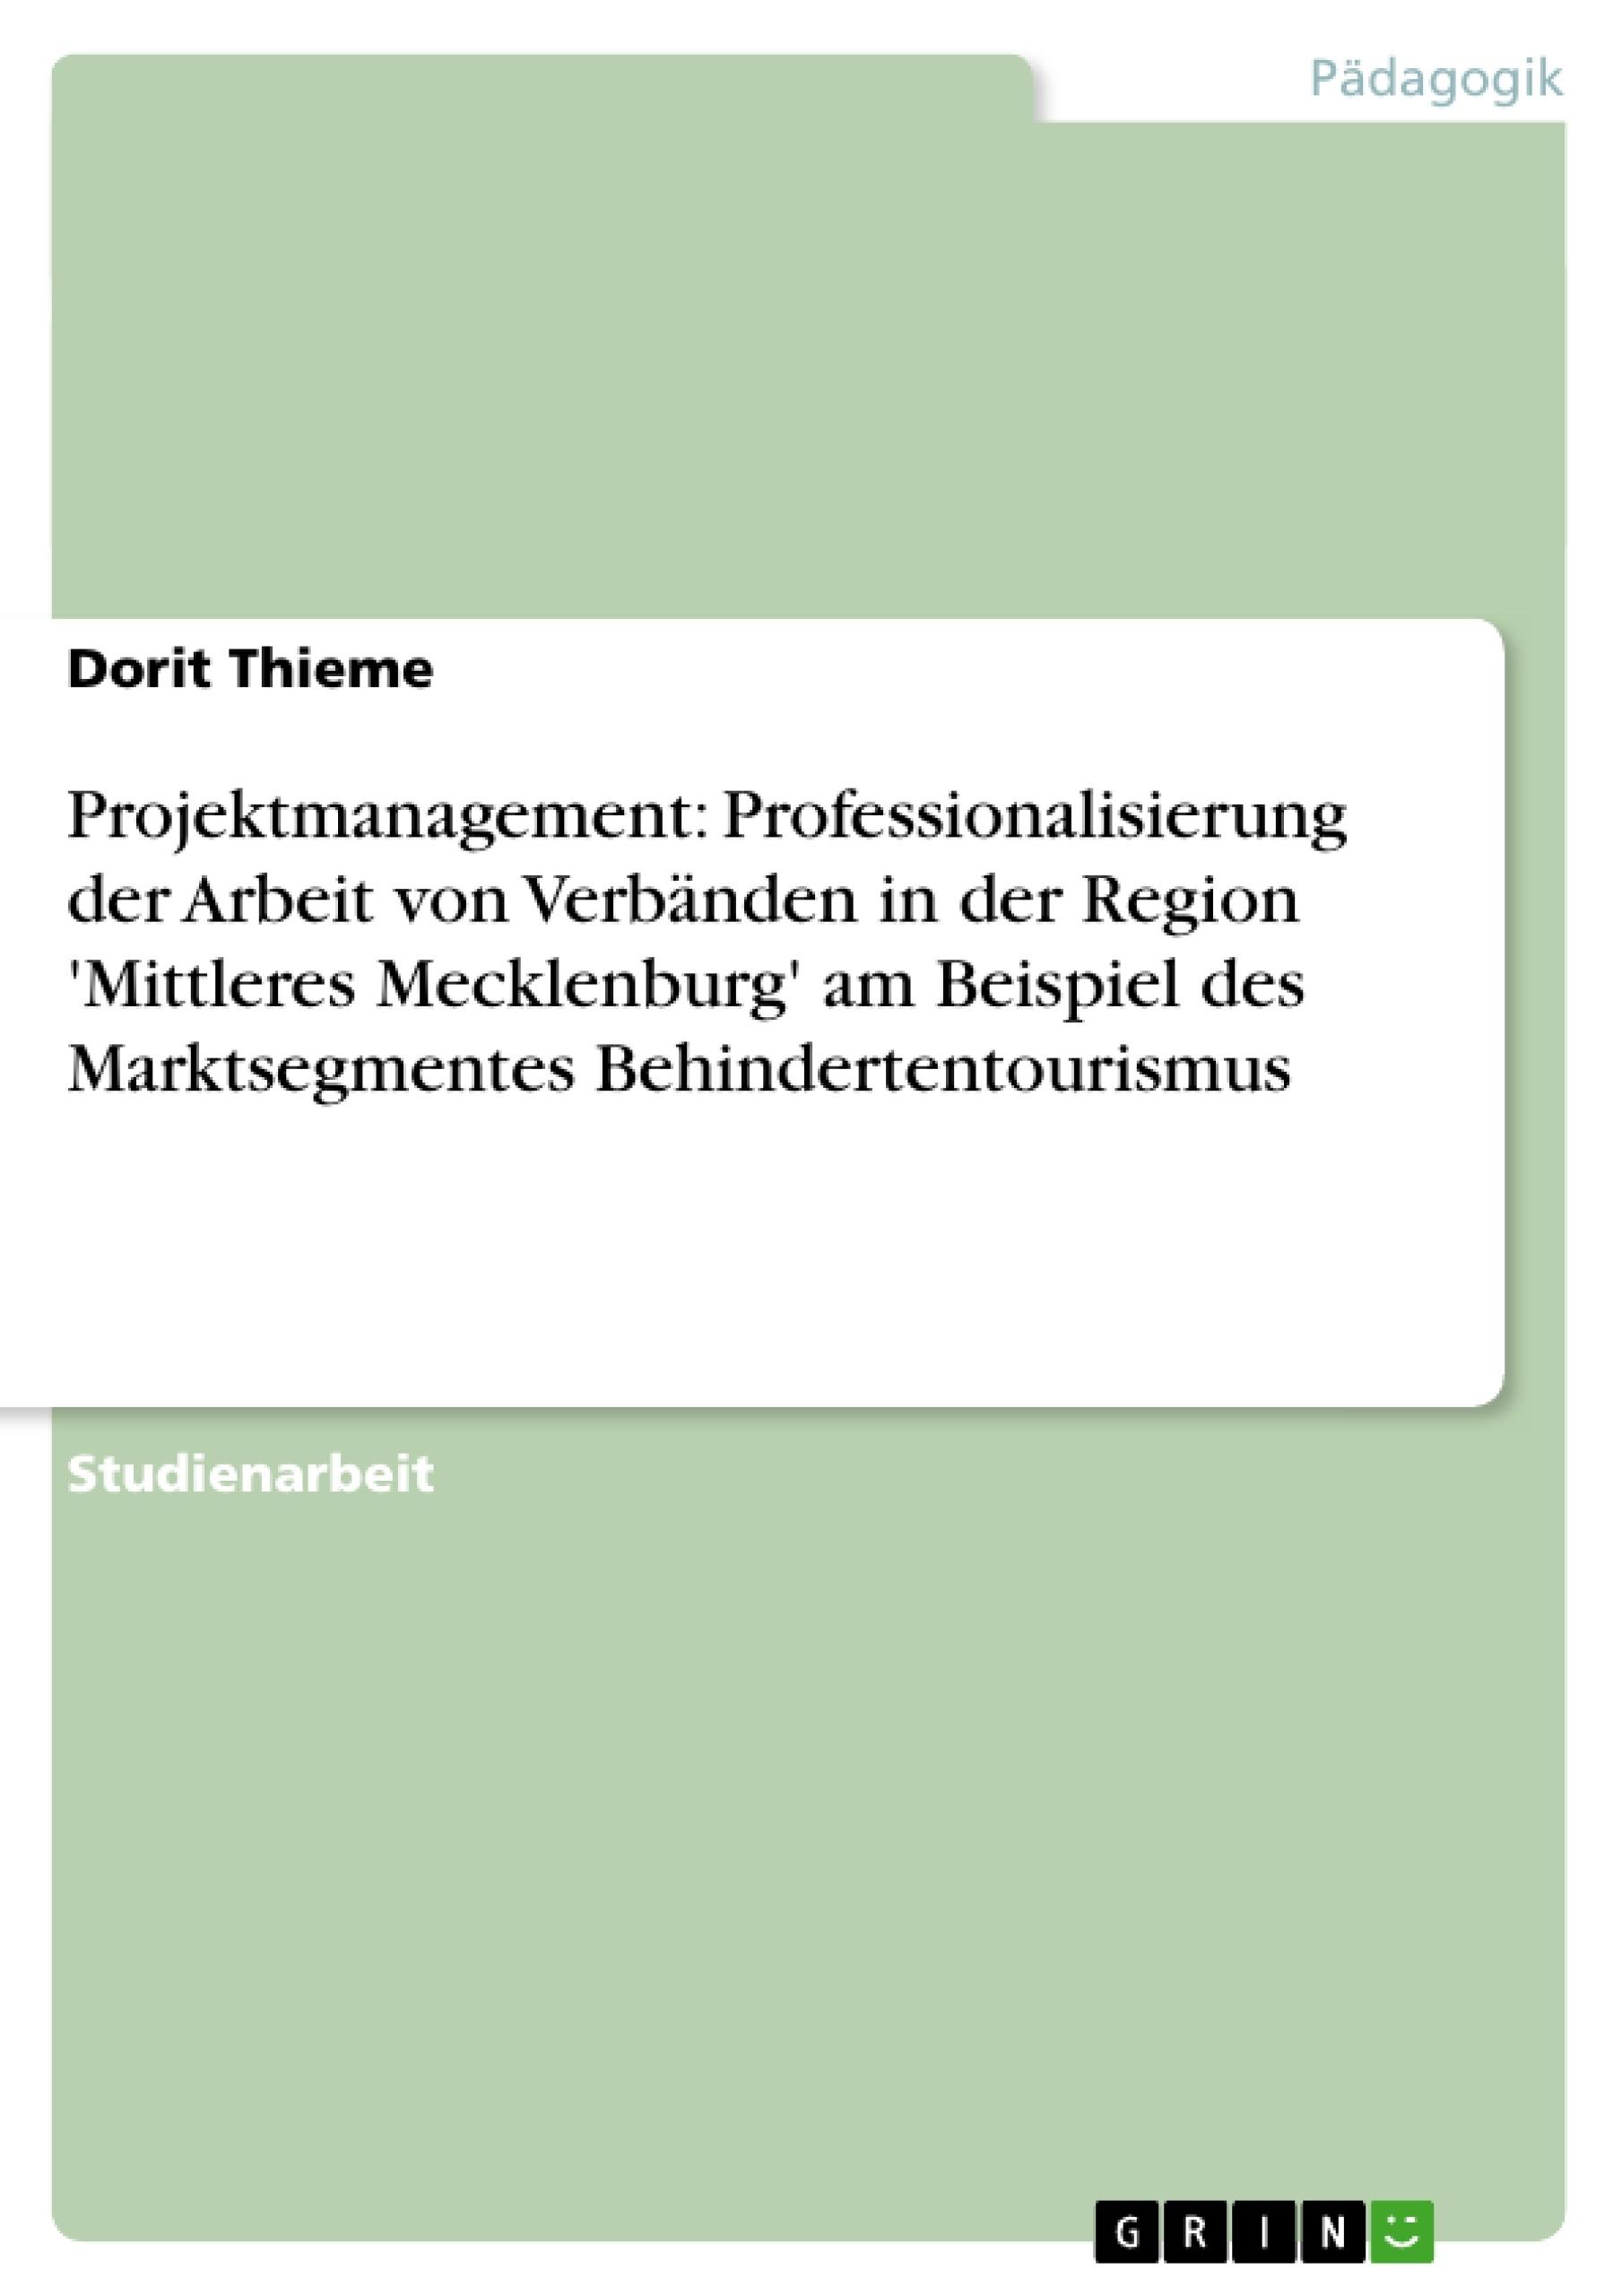 Titel: Projektmanagement: Professionalisierung der Arbeit von Verbänden in der Region 'Mittleres Mecklenburg' am Beispiel des Marktsegmentes Behindertentourismus